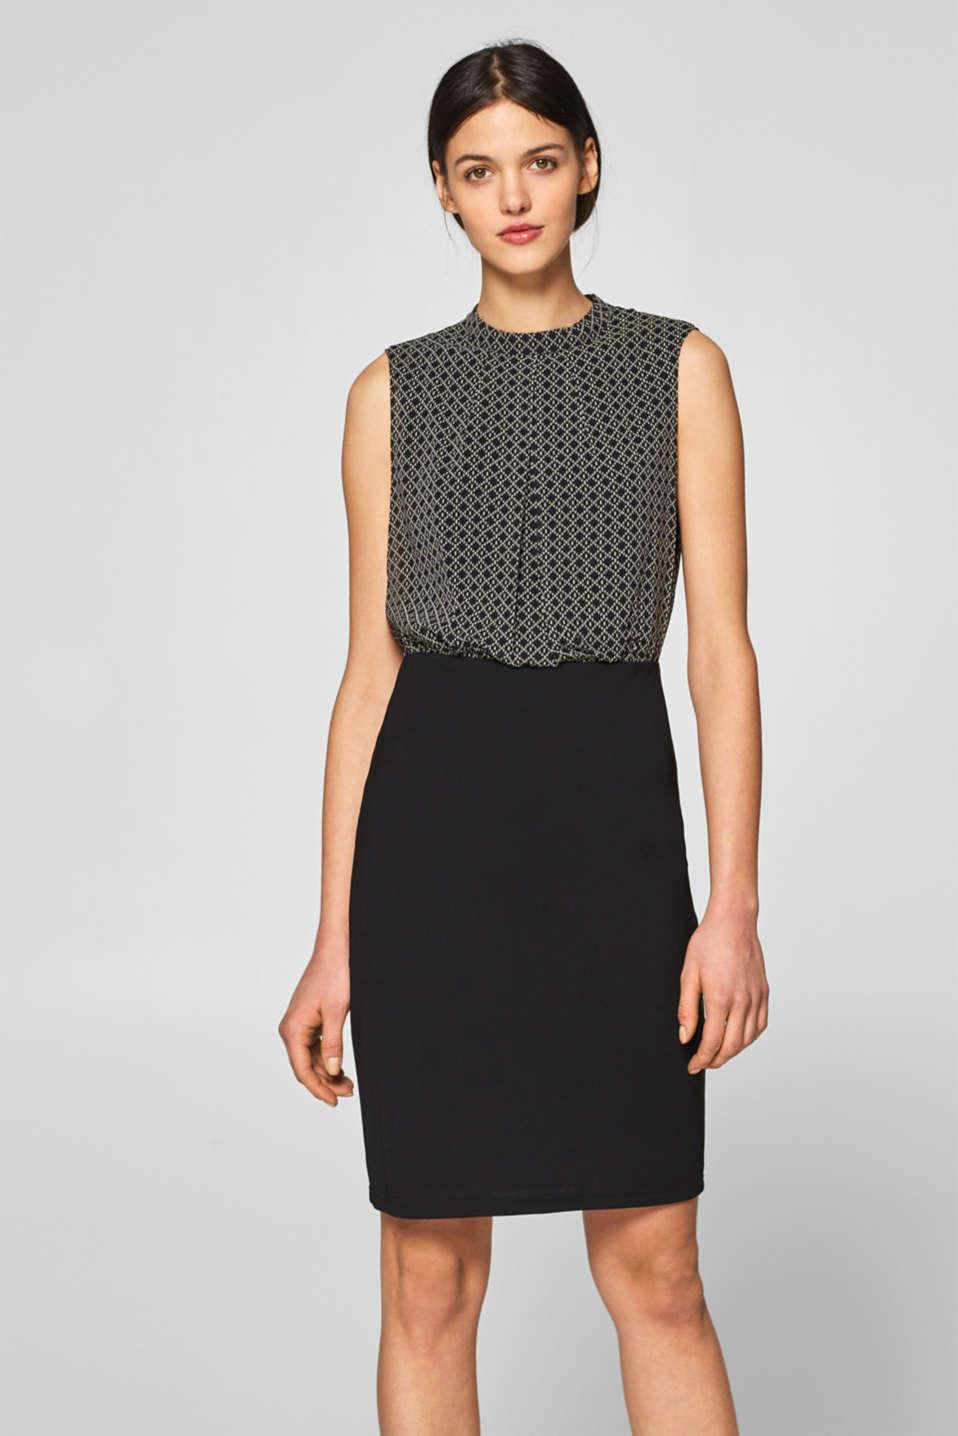 ca163388e1860e Esprit - Jerseykleid mit Chiffon-Top im Online Shop kaufen